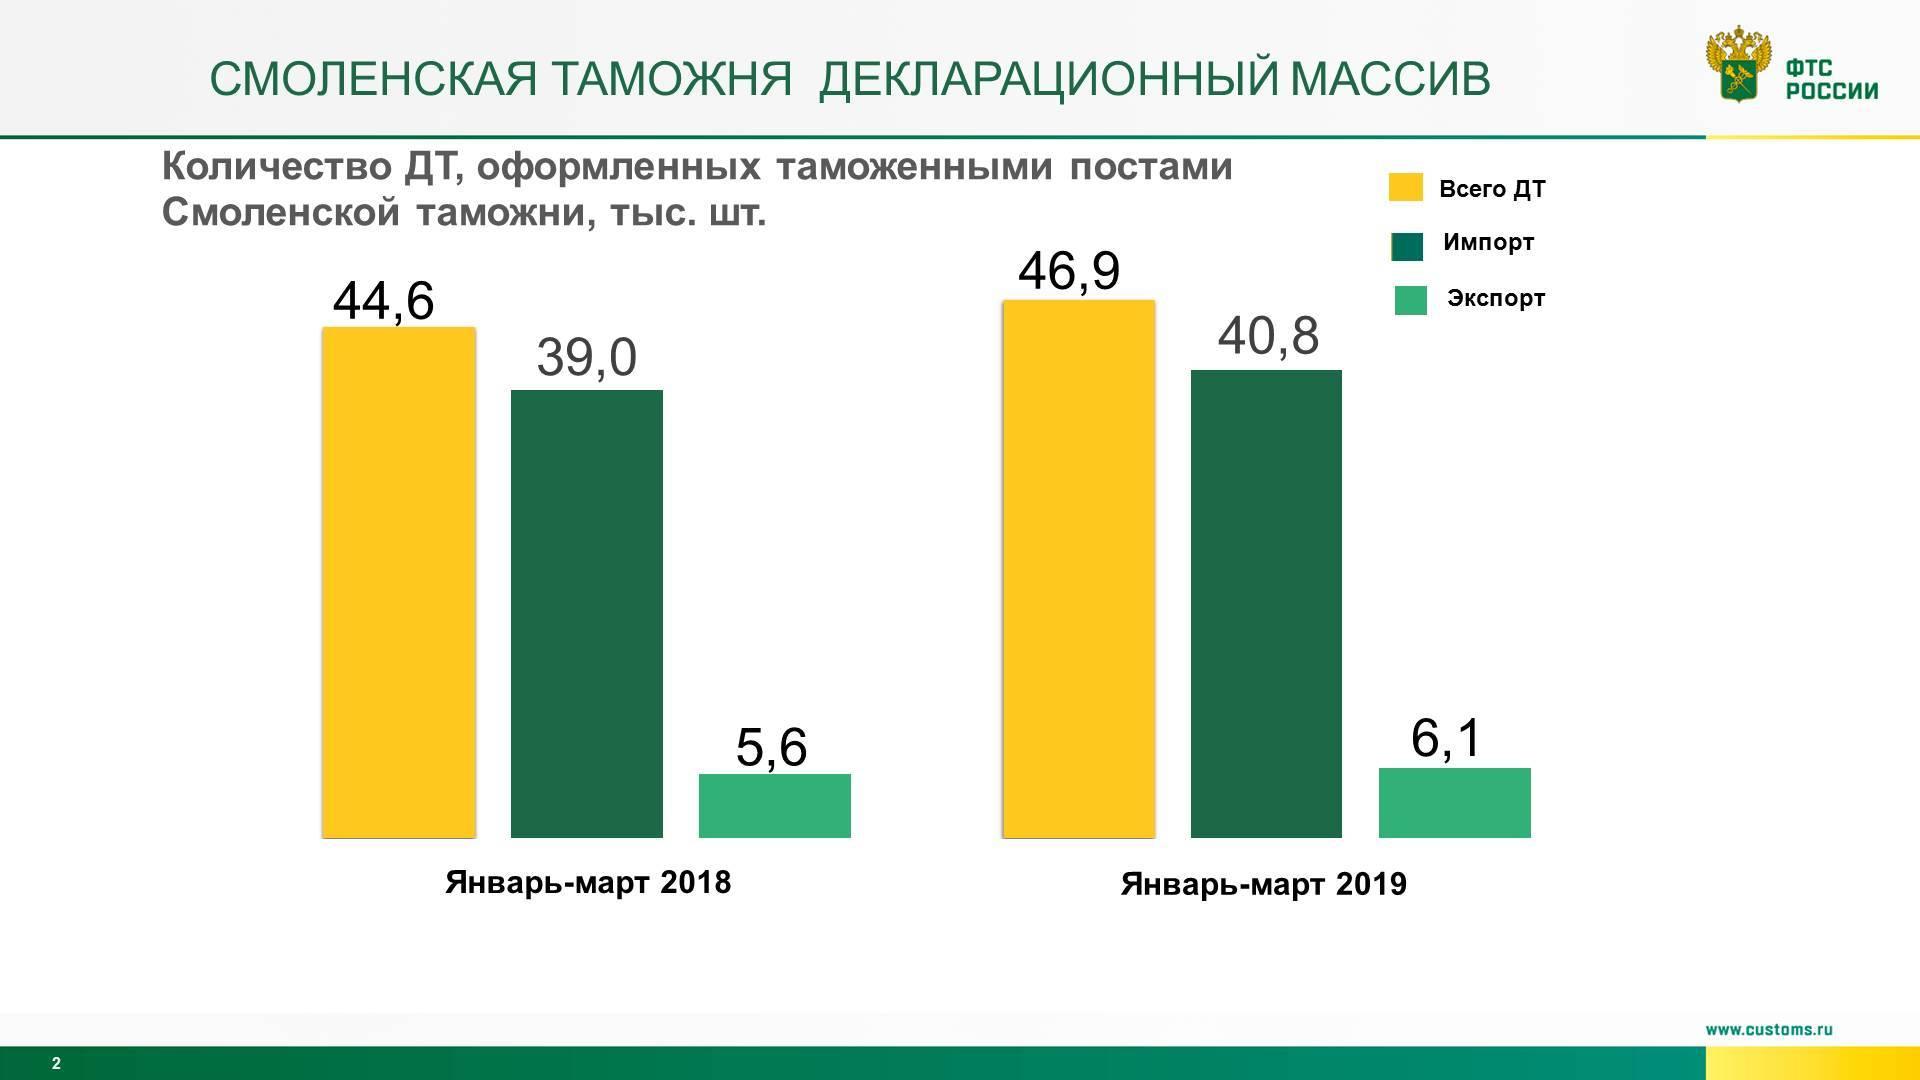 Смоленская таможня увеличила поступления в бюджет страны на 20 %